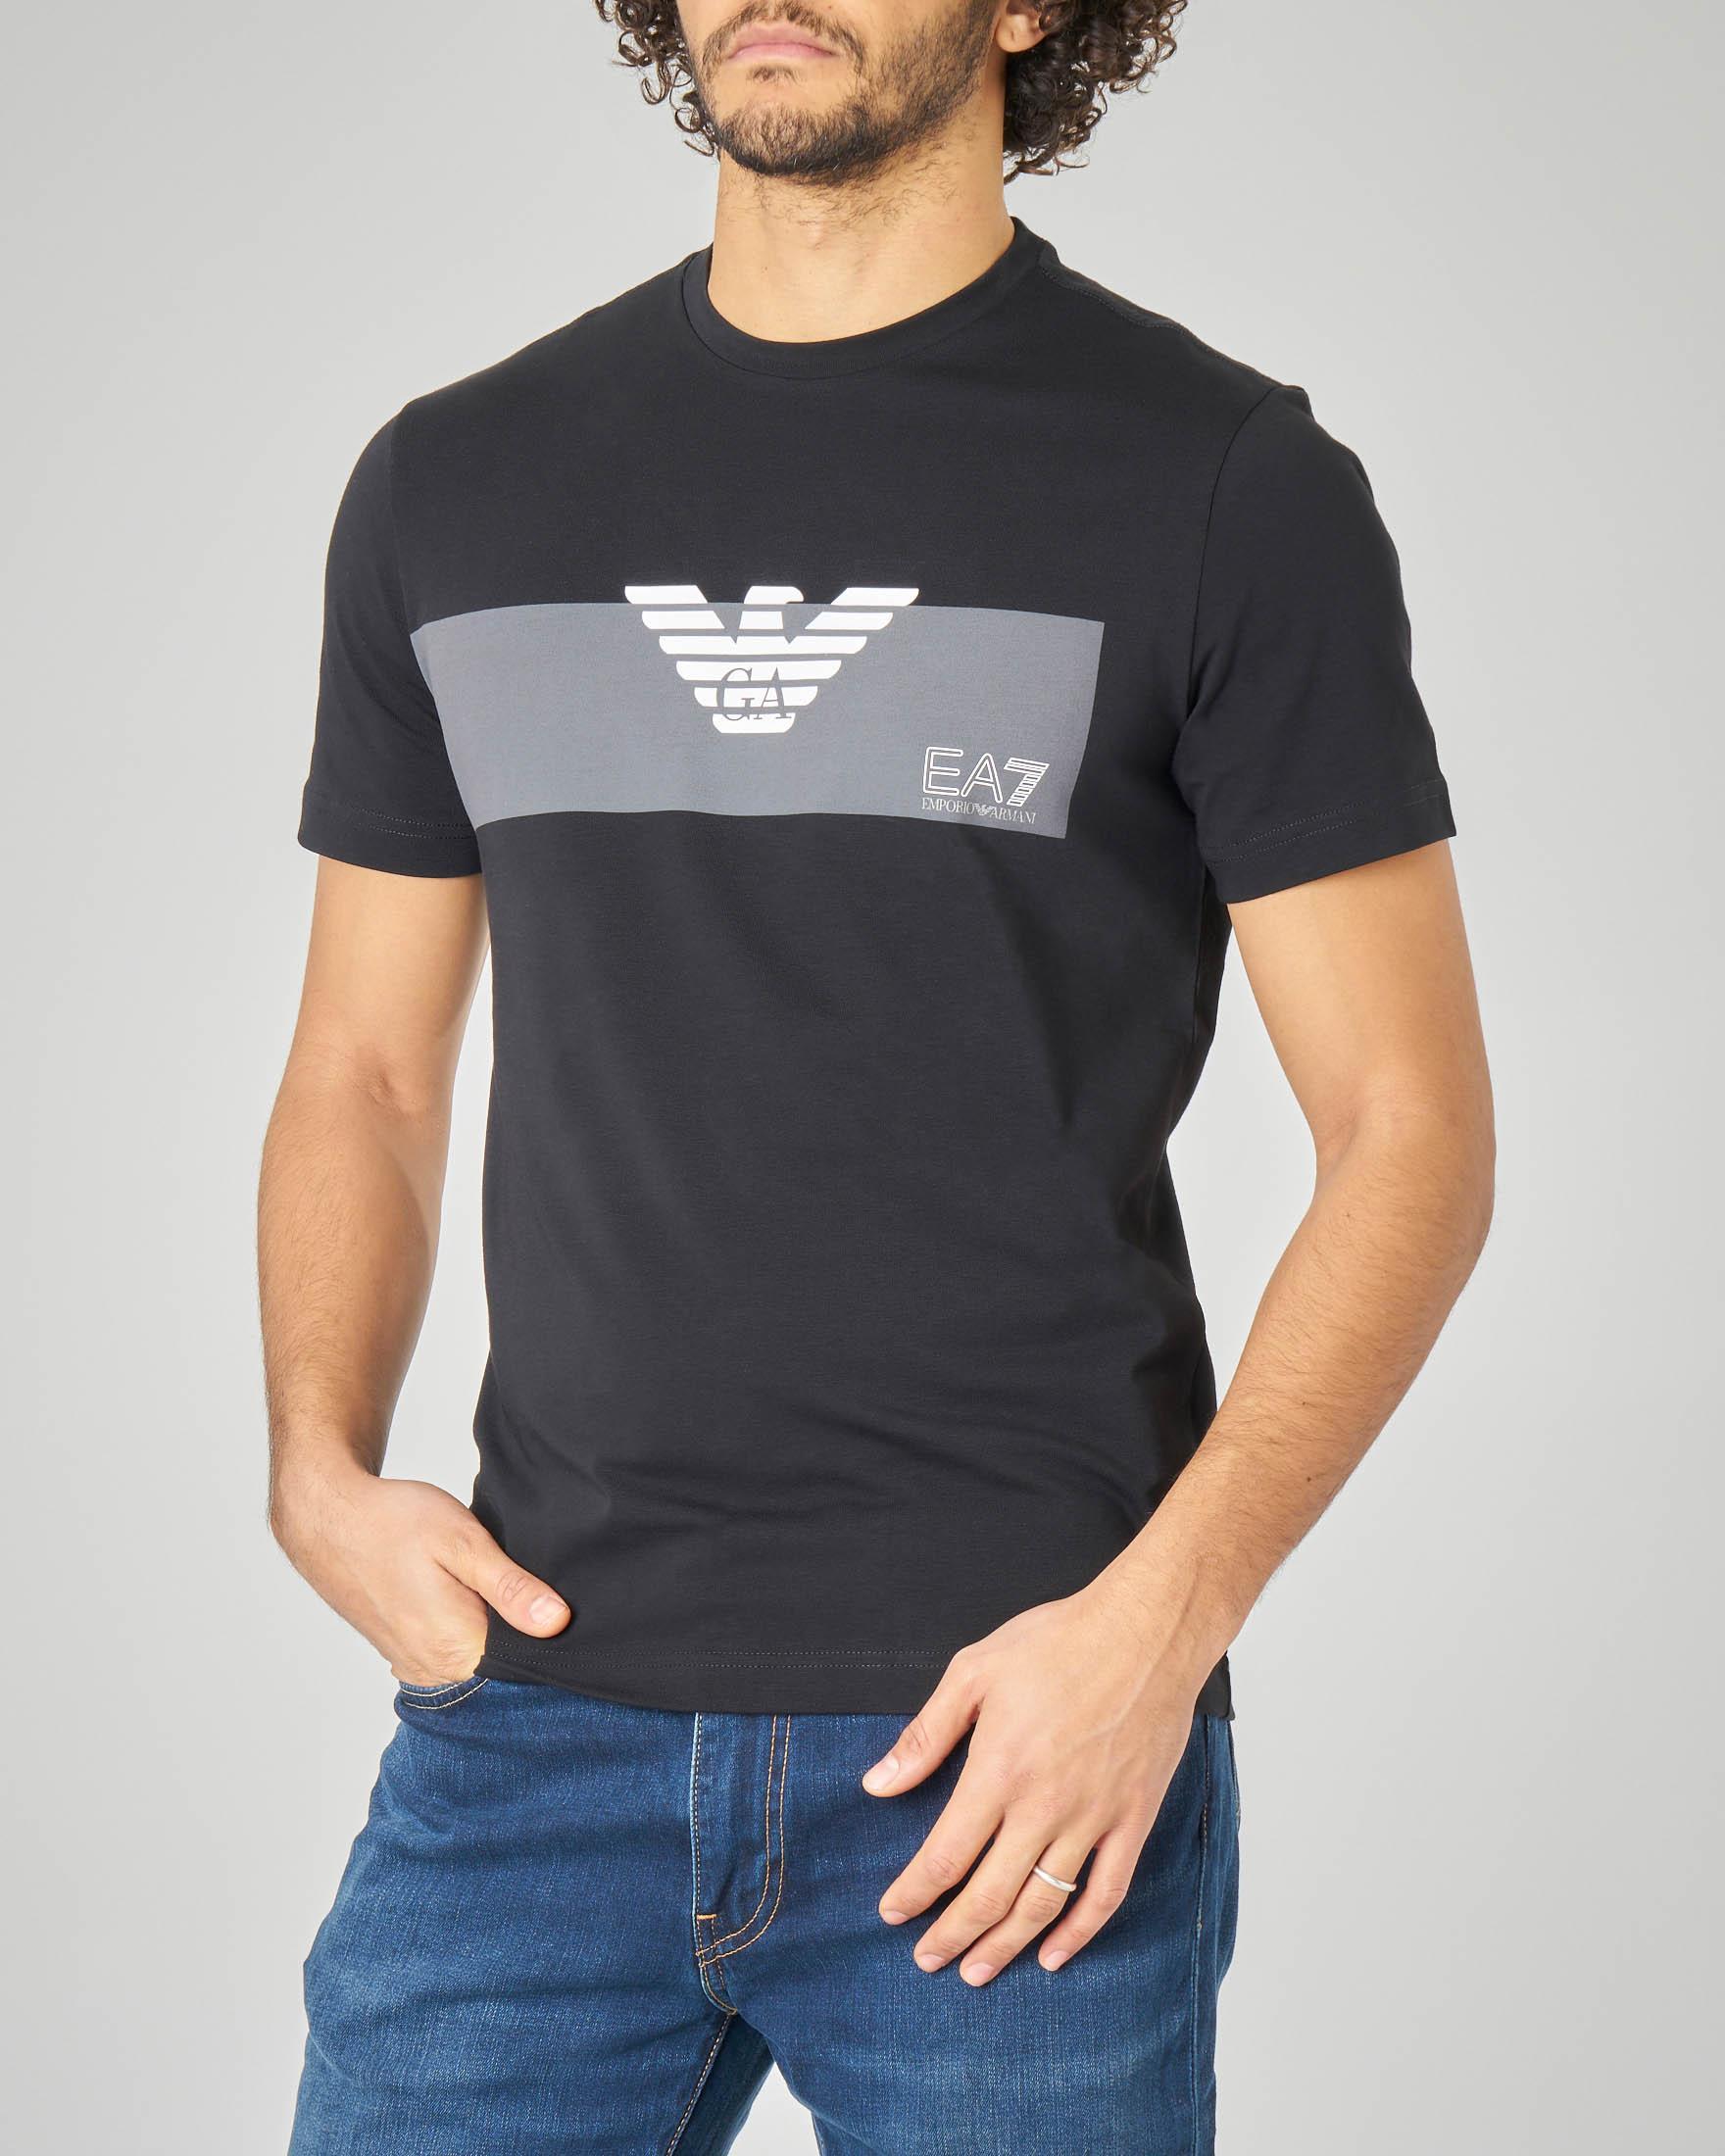 T-shirt nera con riga grigia piazzata e aquila